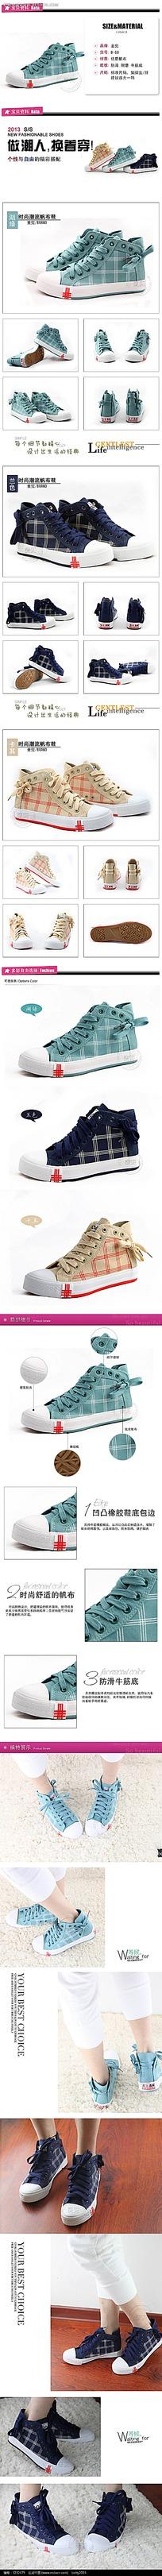 淘宝时尚潮流帆布鞋细节详情页PSD素材